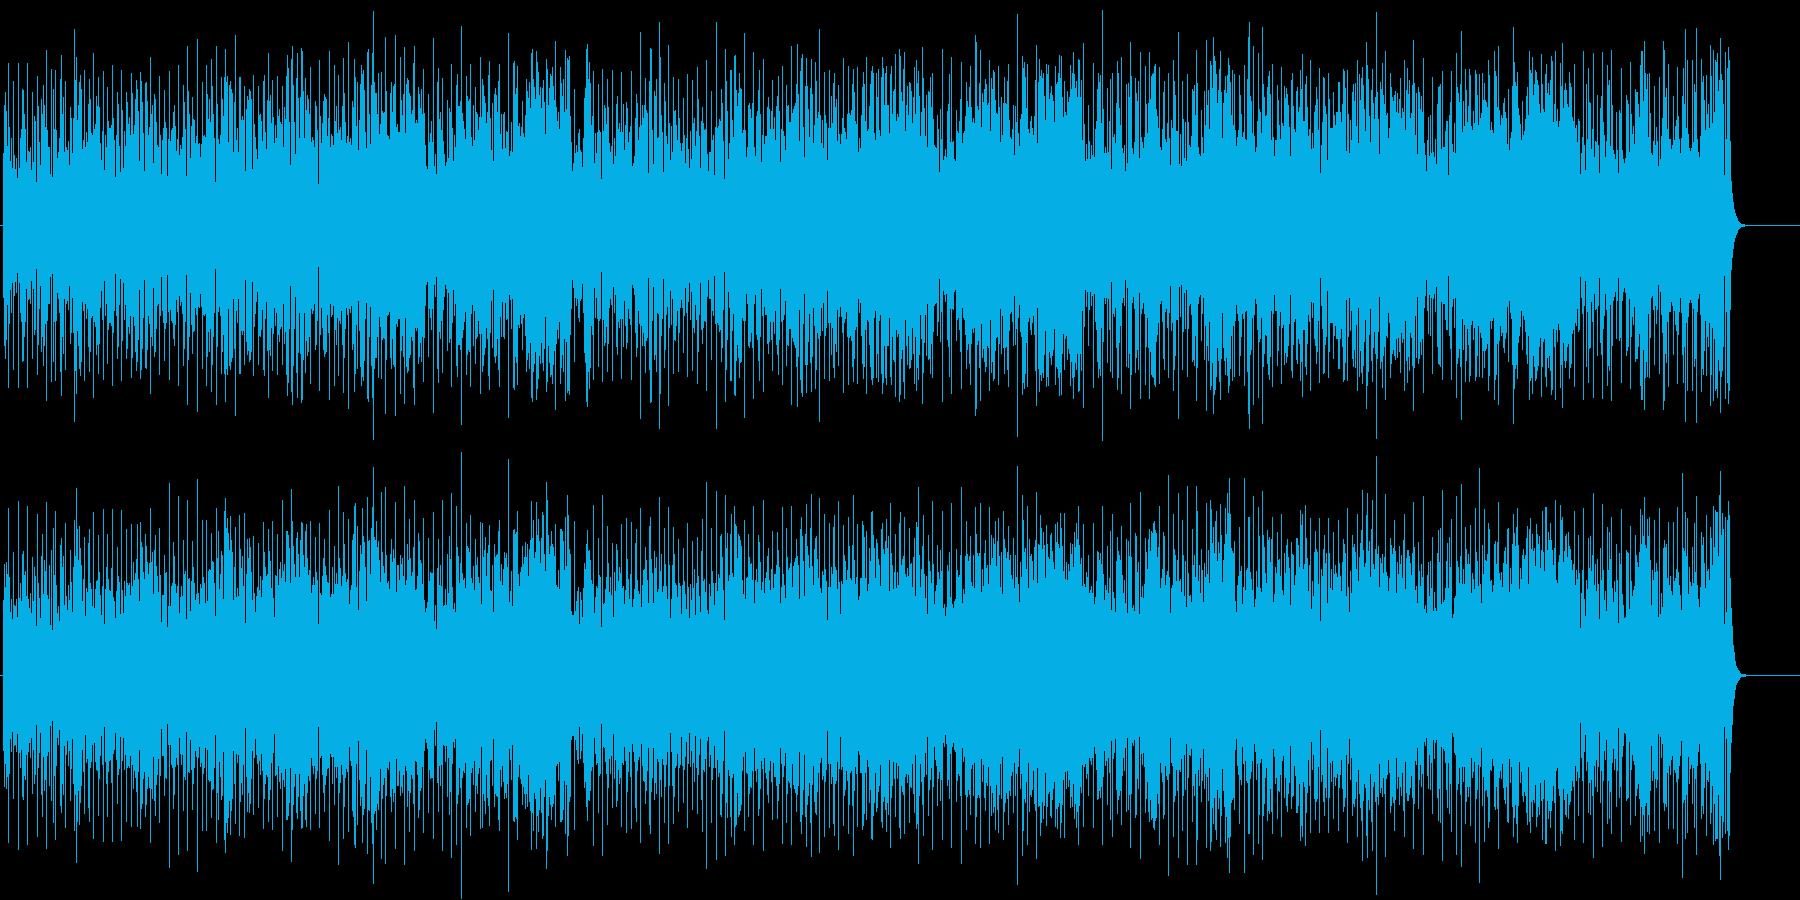 ワクワクウキウキ お茶目なポップスの再生済みの波形